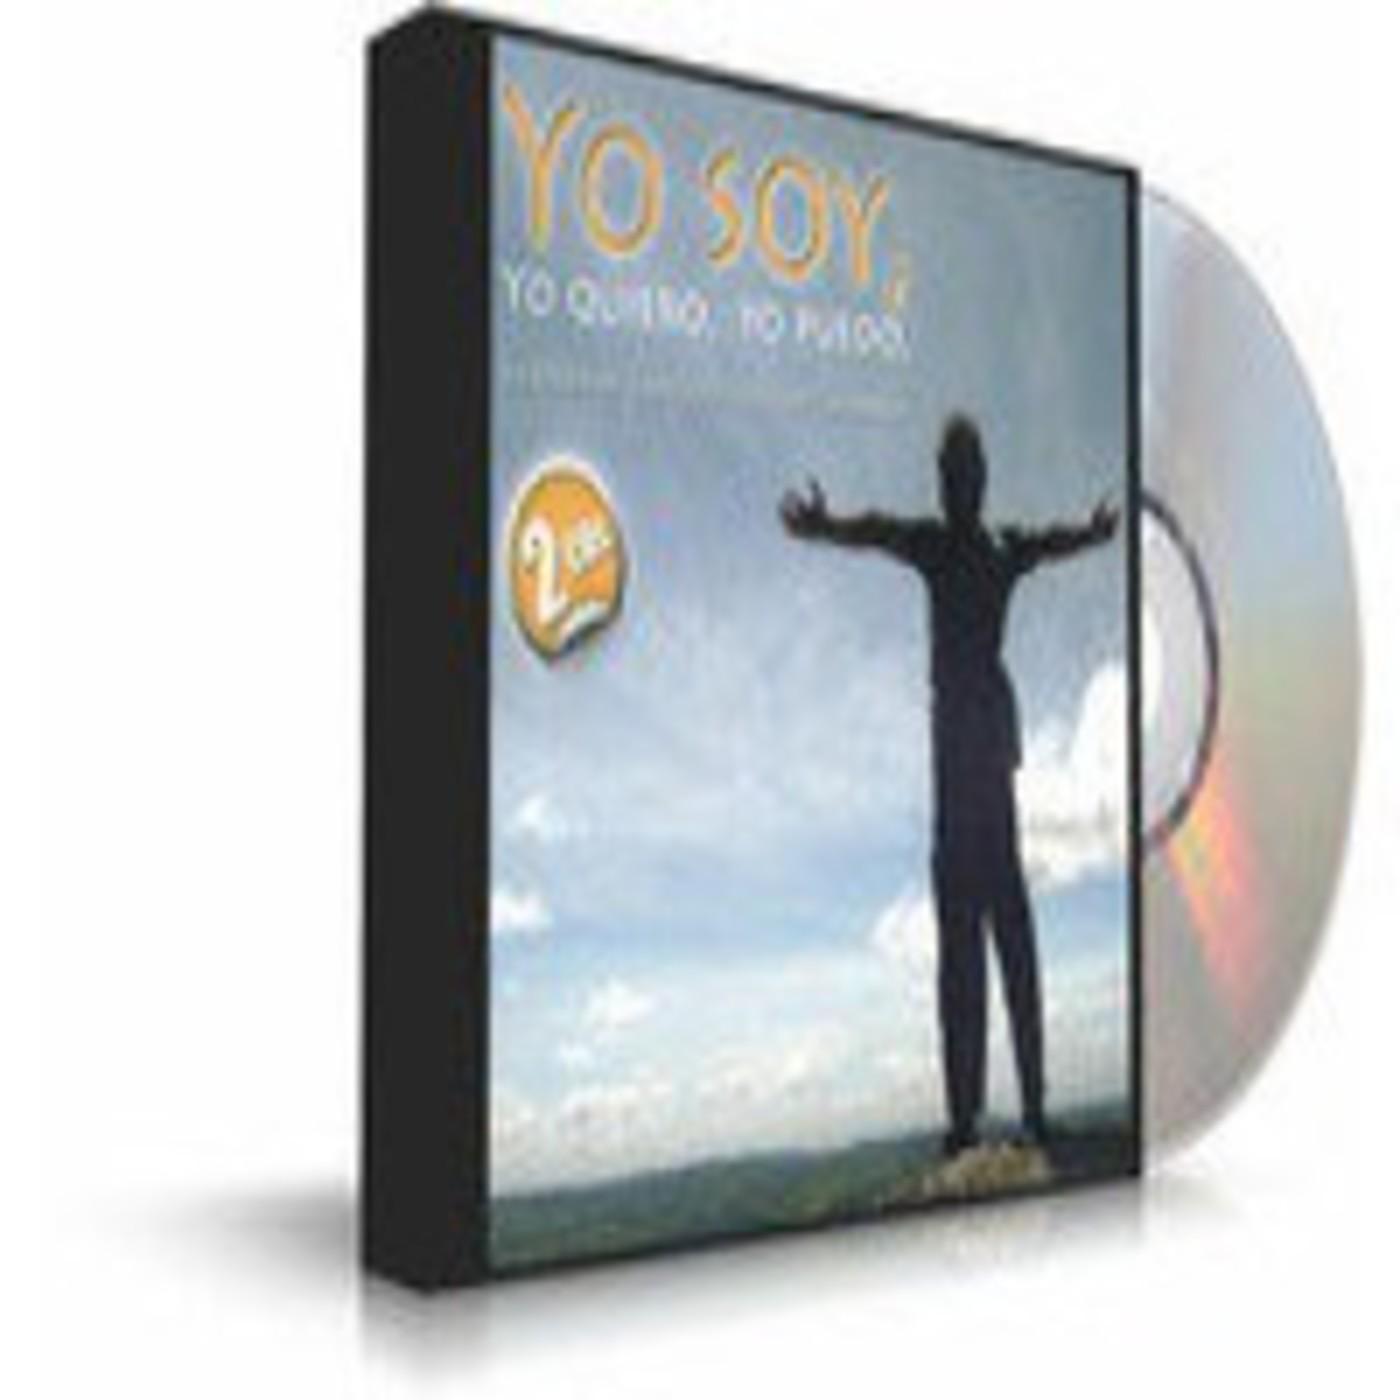 CD 1 YO SOY, YO QUIERO, YO PUEDO [ Audio libro ] – El poder de la Salud, el Equilibrio y la Riqueza está en tus manos.